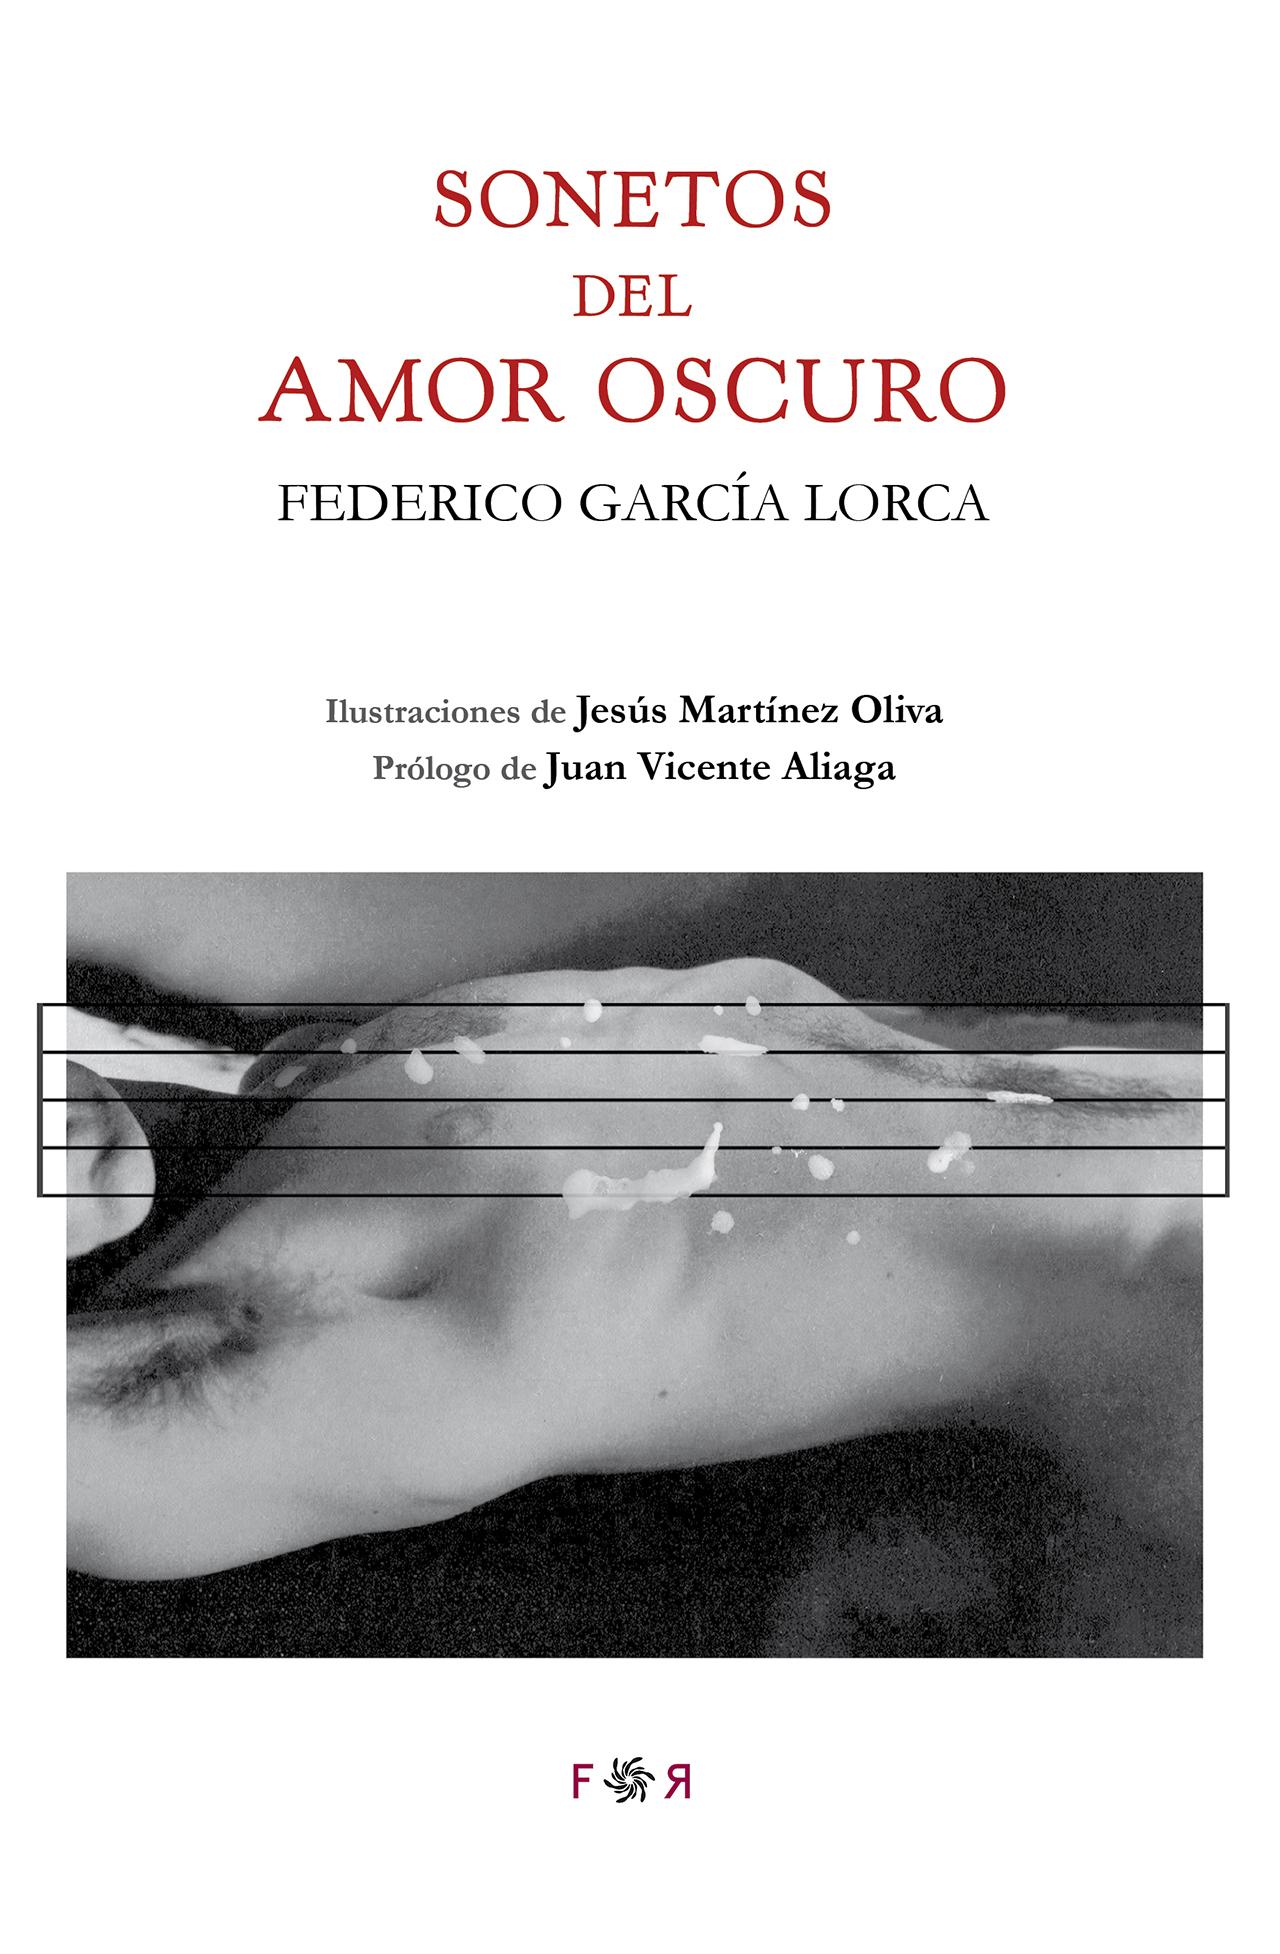 Cubierta de Sonetos del amor oscuro en la Editorial Flores raras